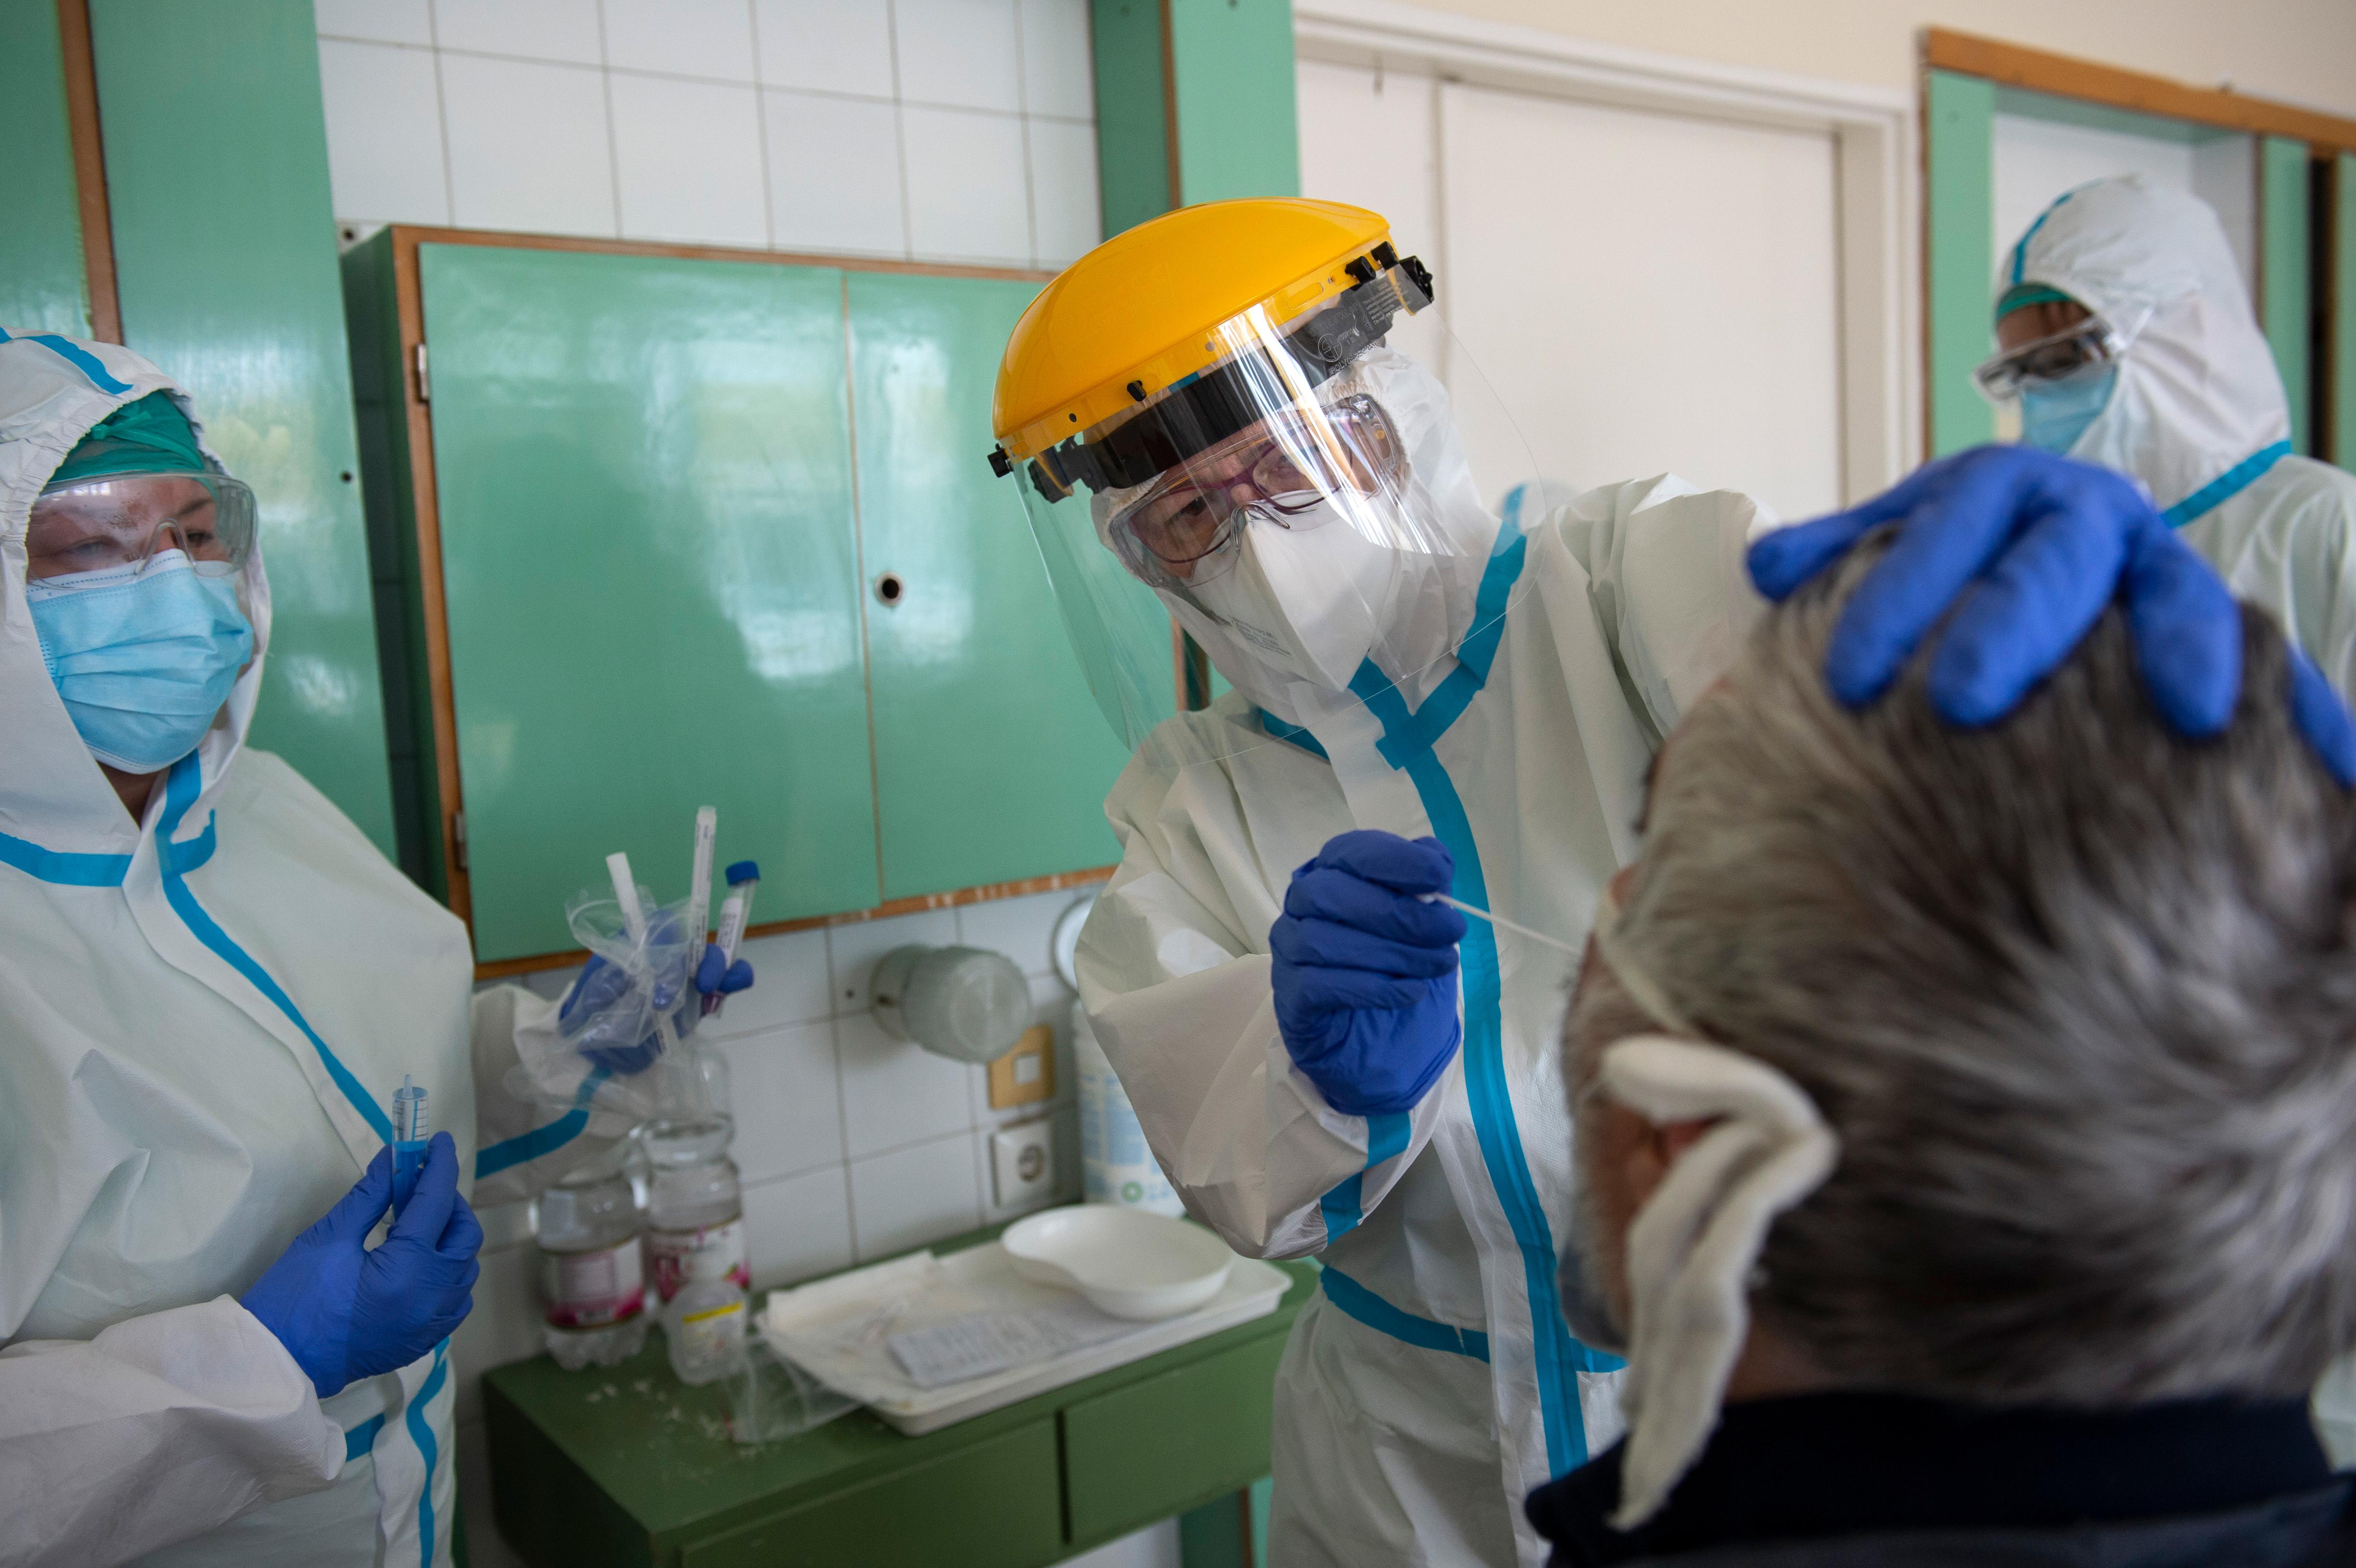 Koronavírus: 17 halott, megdőlt a fertőzésrekord